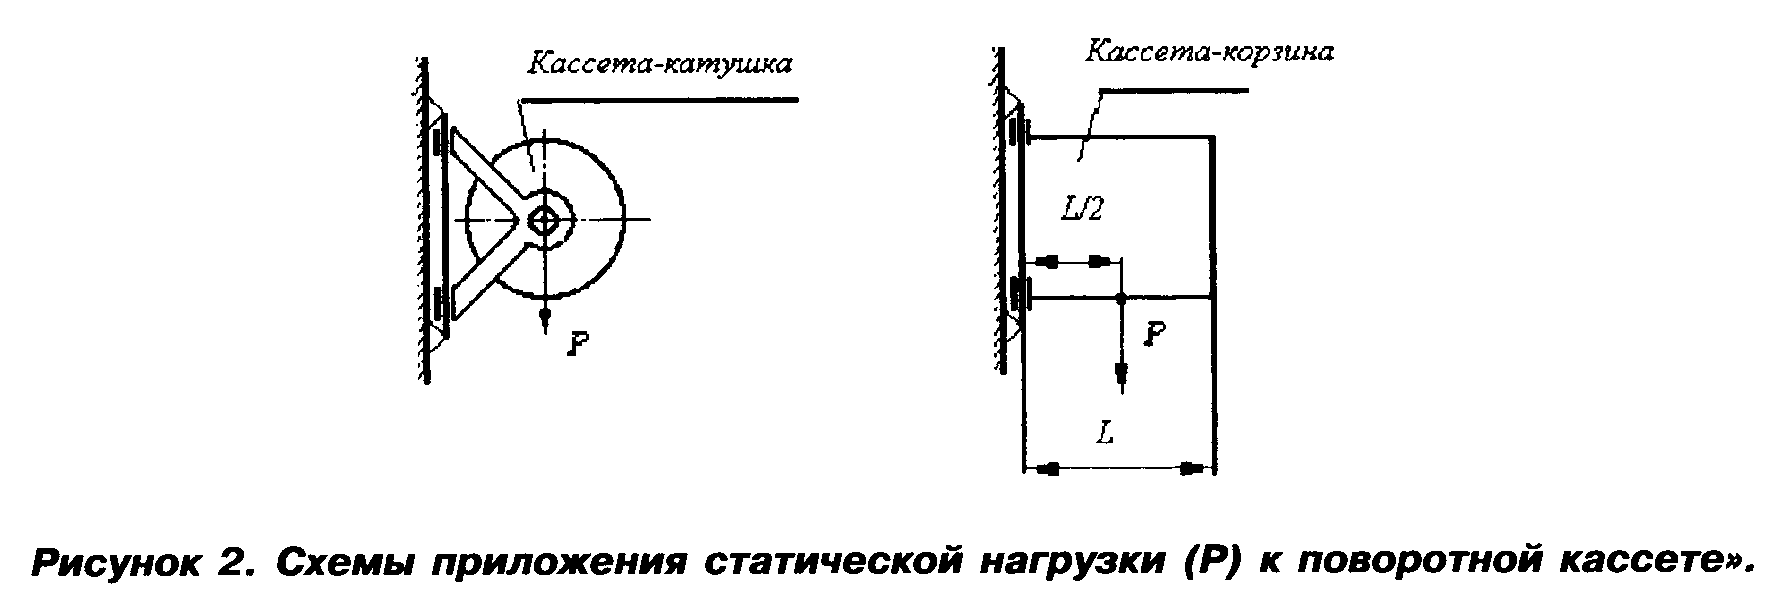 РИСУНОК 2 К НПБ 151-2000